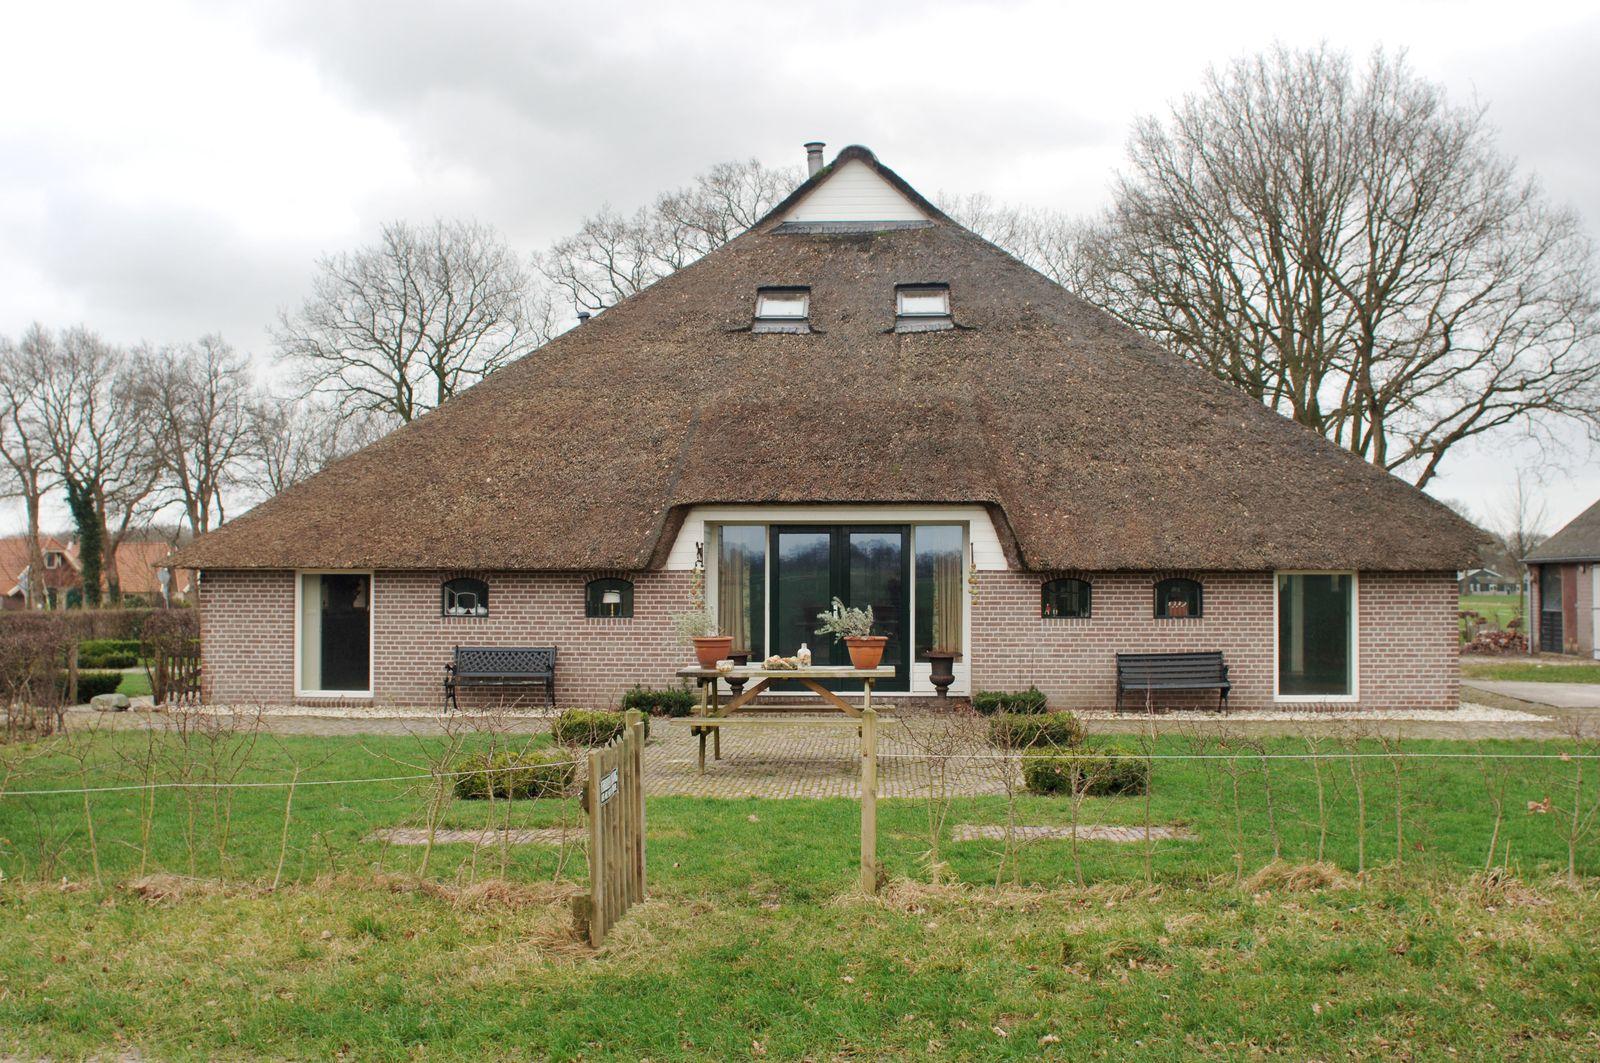 Afbeelding van Boerderij 't Reestdal - familie vakantiehuis in Overijssel